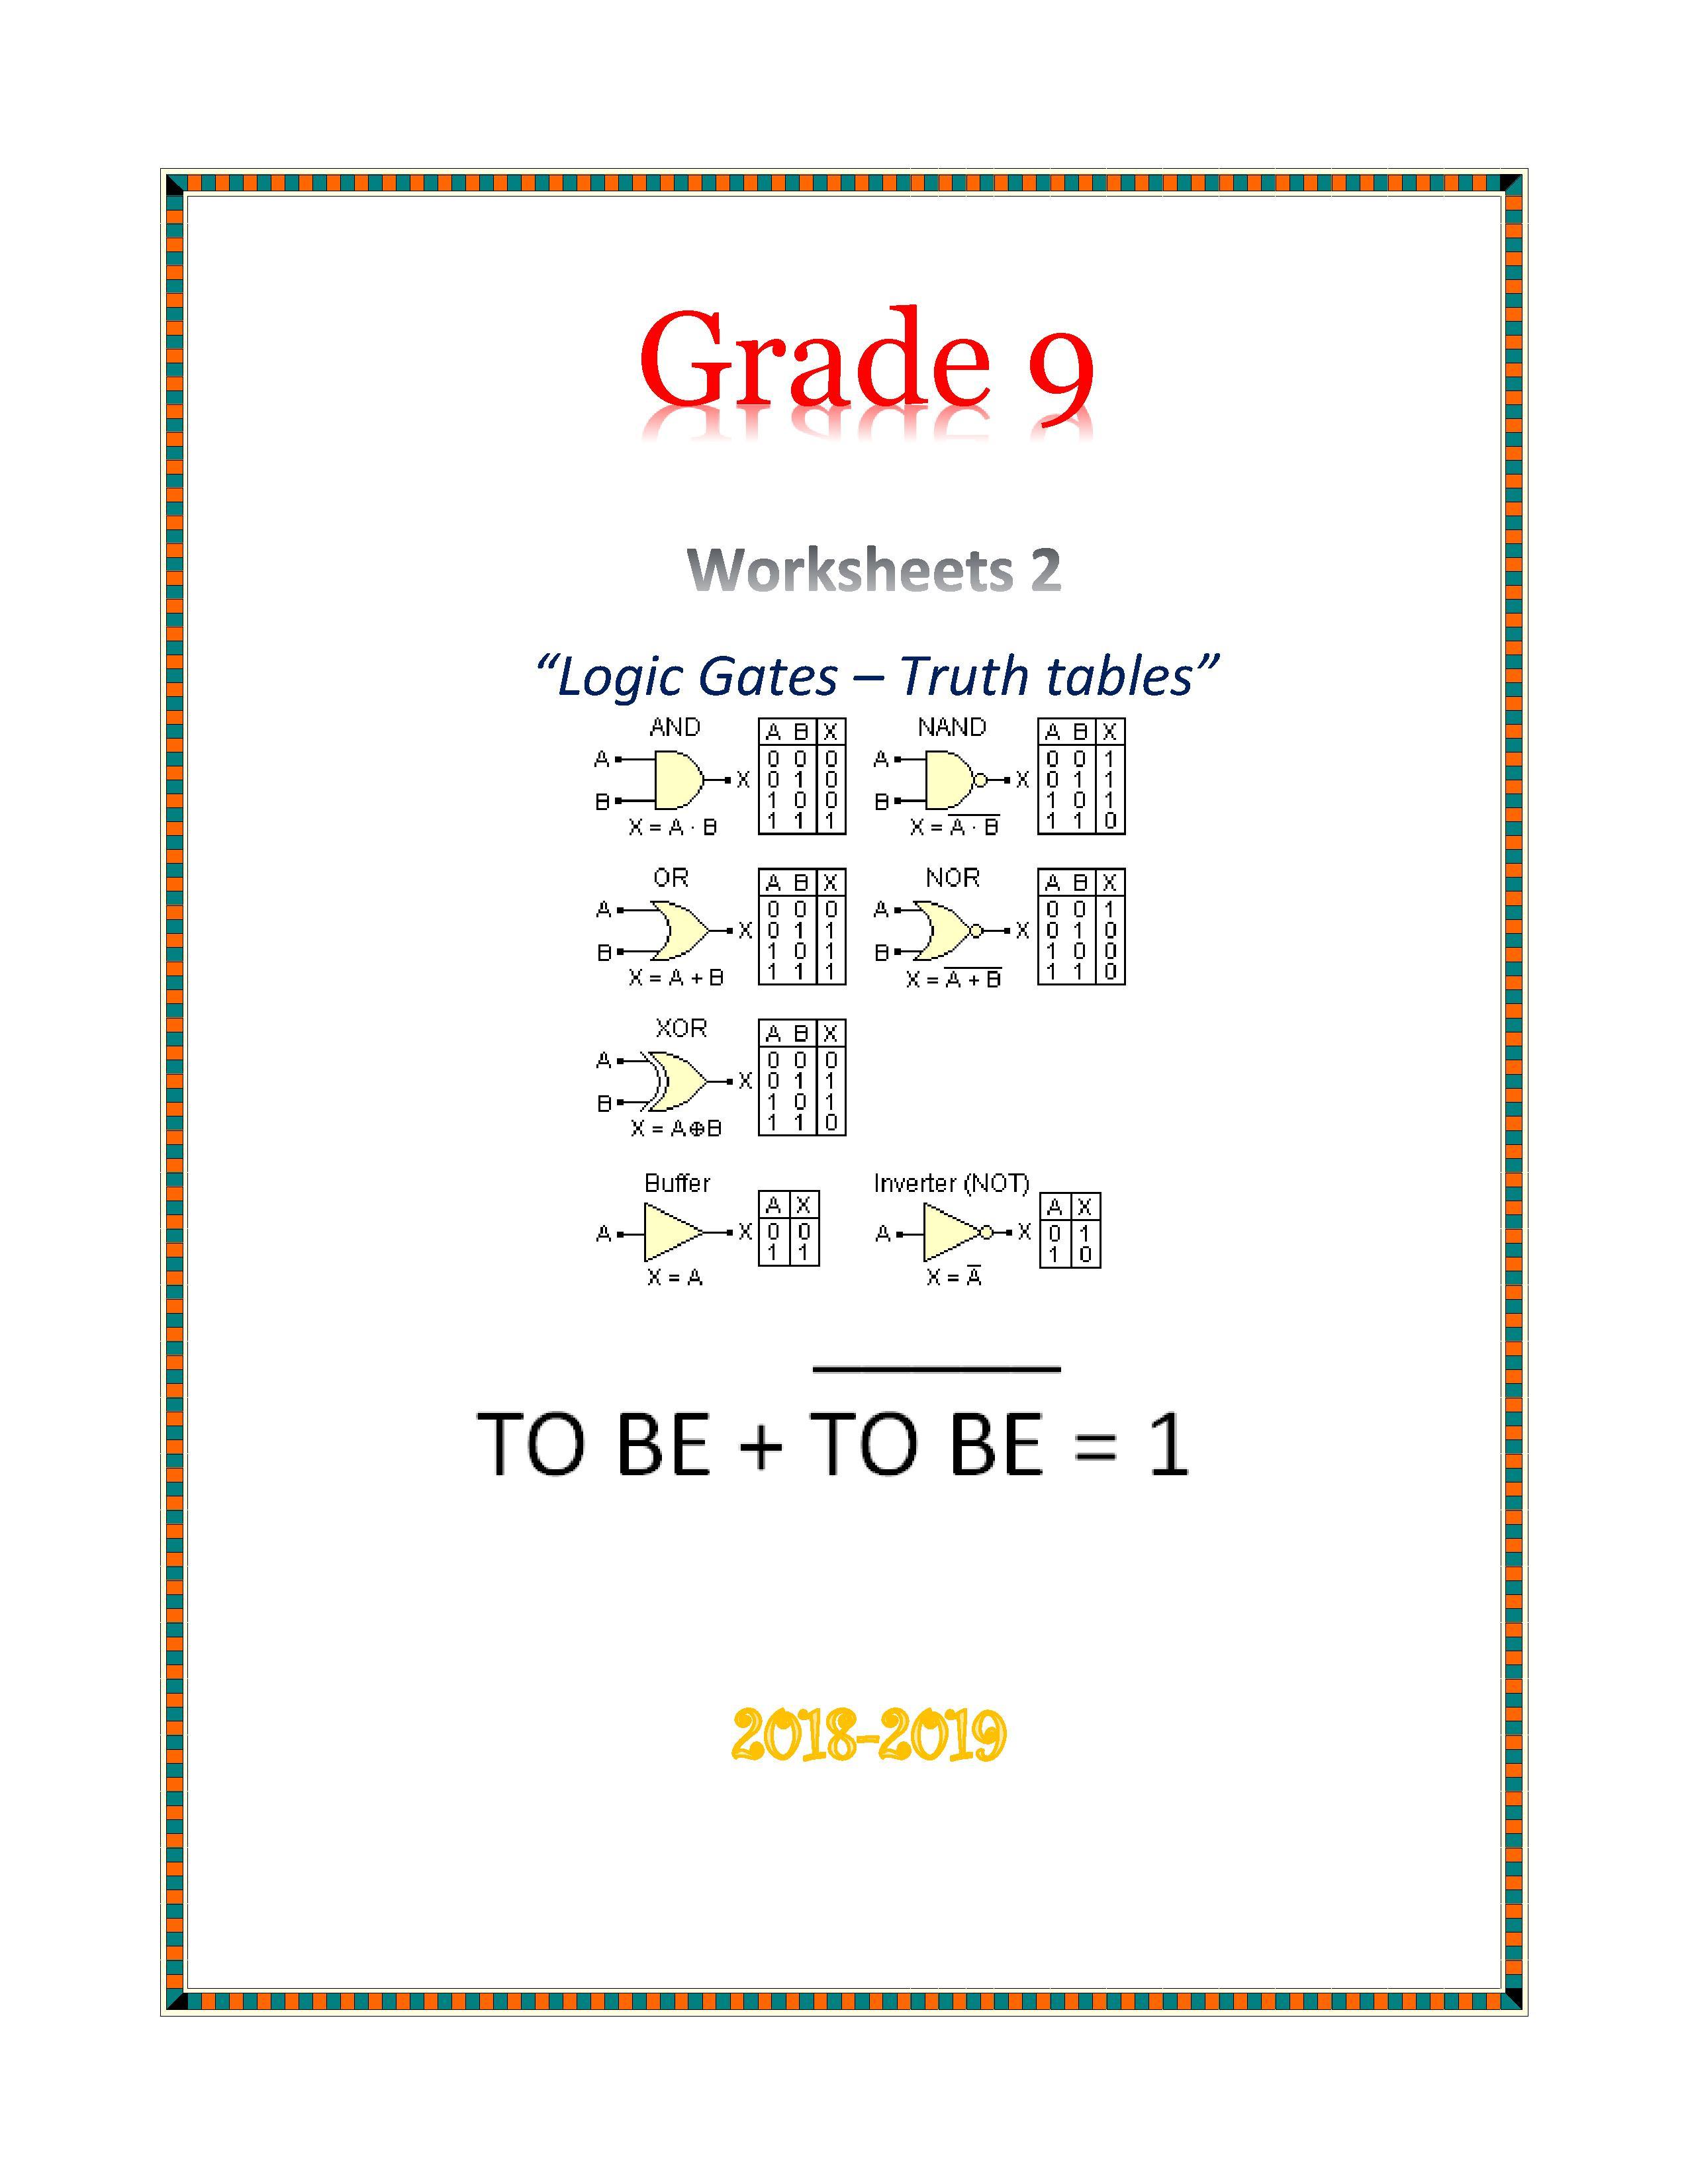 B18 Logic Gates